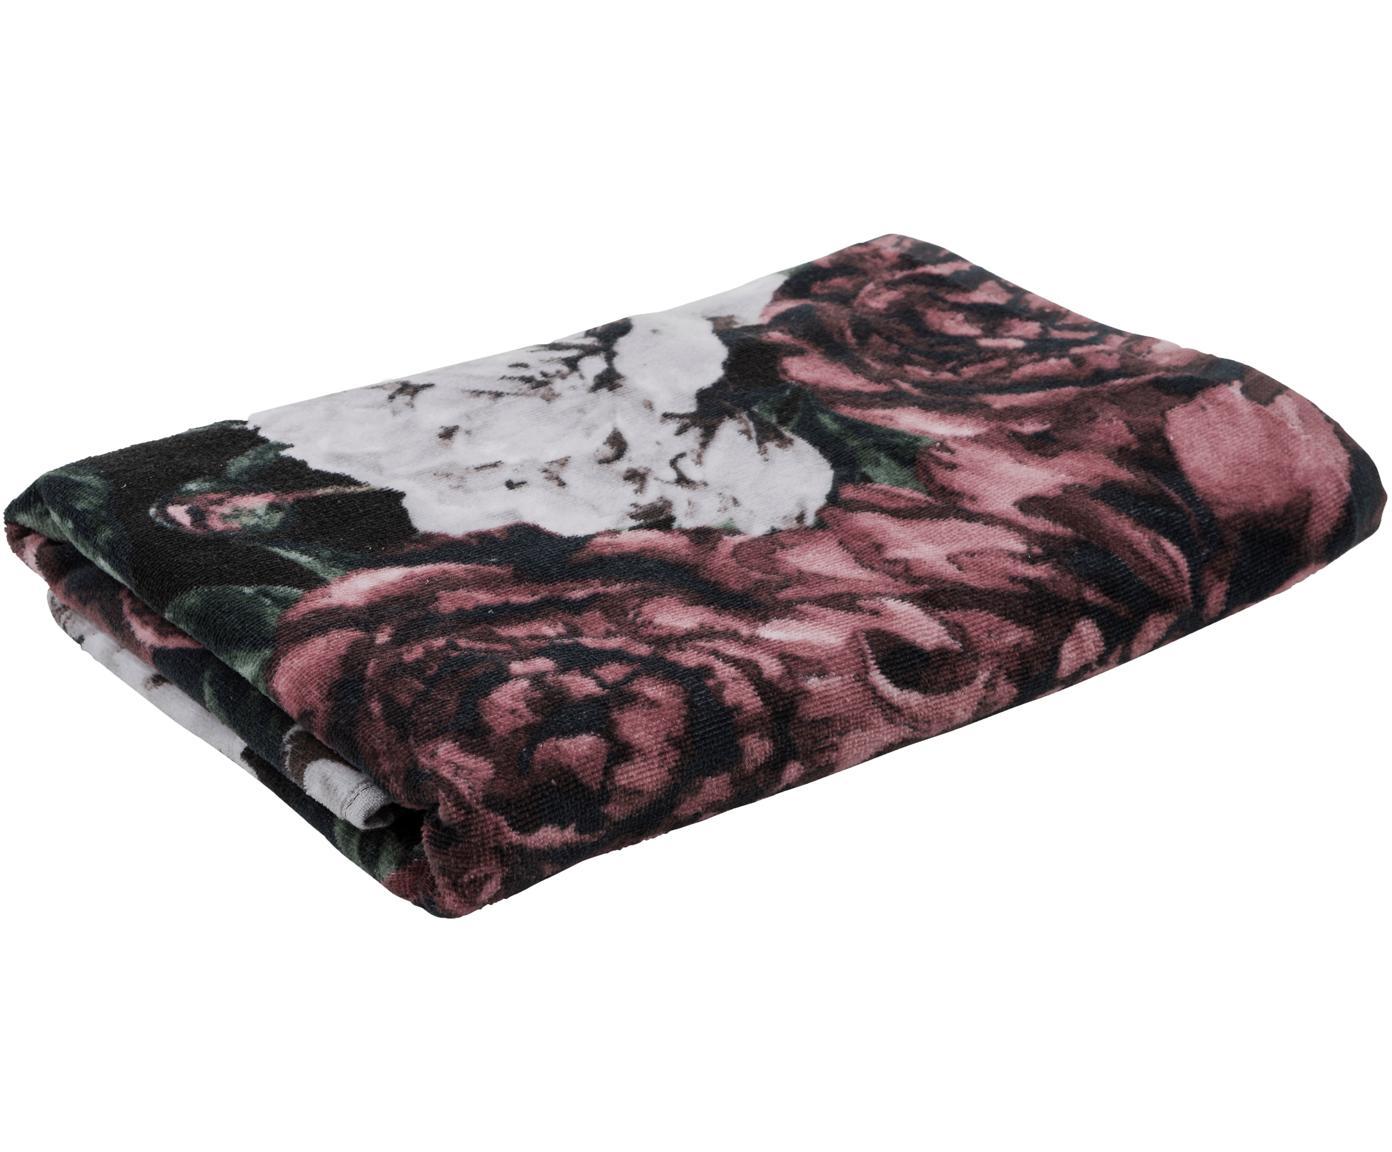 Geblümtes Handtuch Allison, verschiedene Größen, Rot, Grün, Weiß, Schwarz, Gästehandtuch